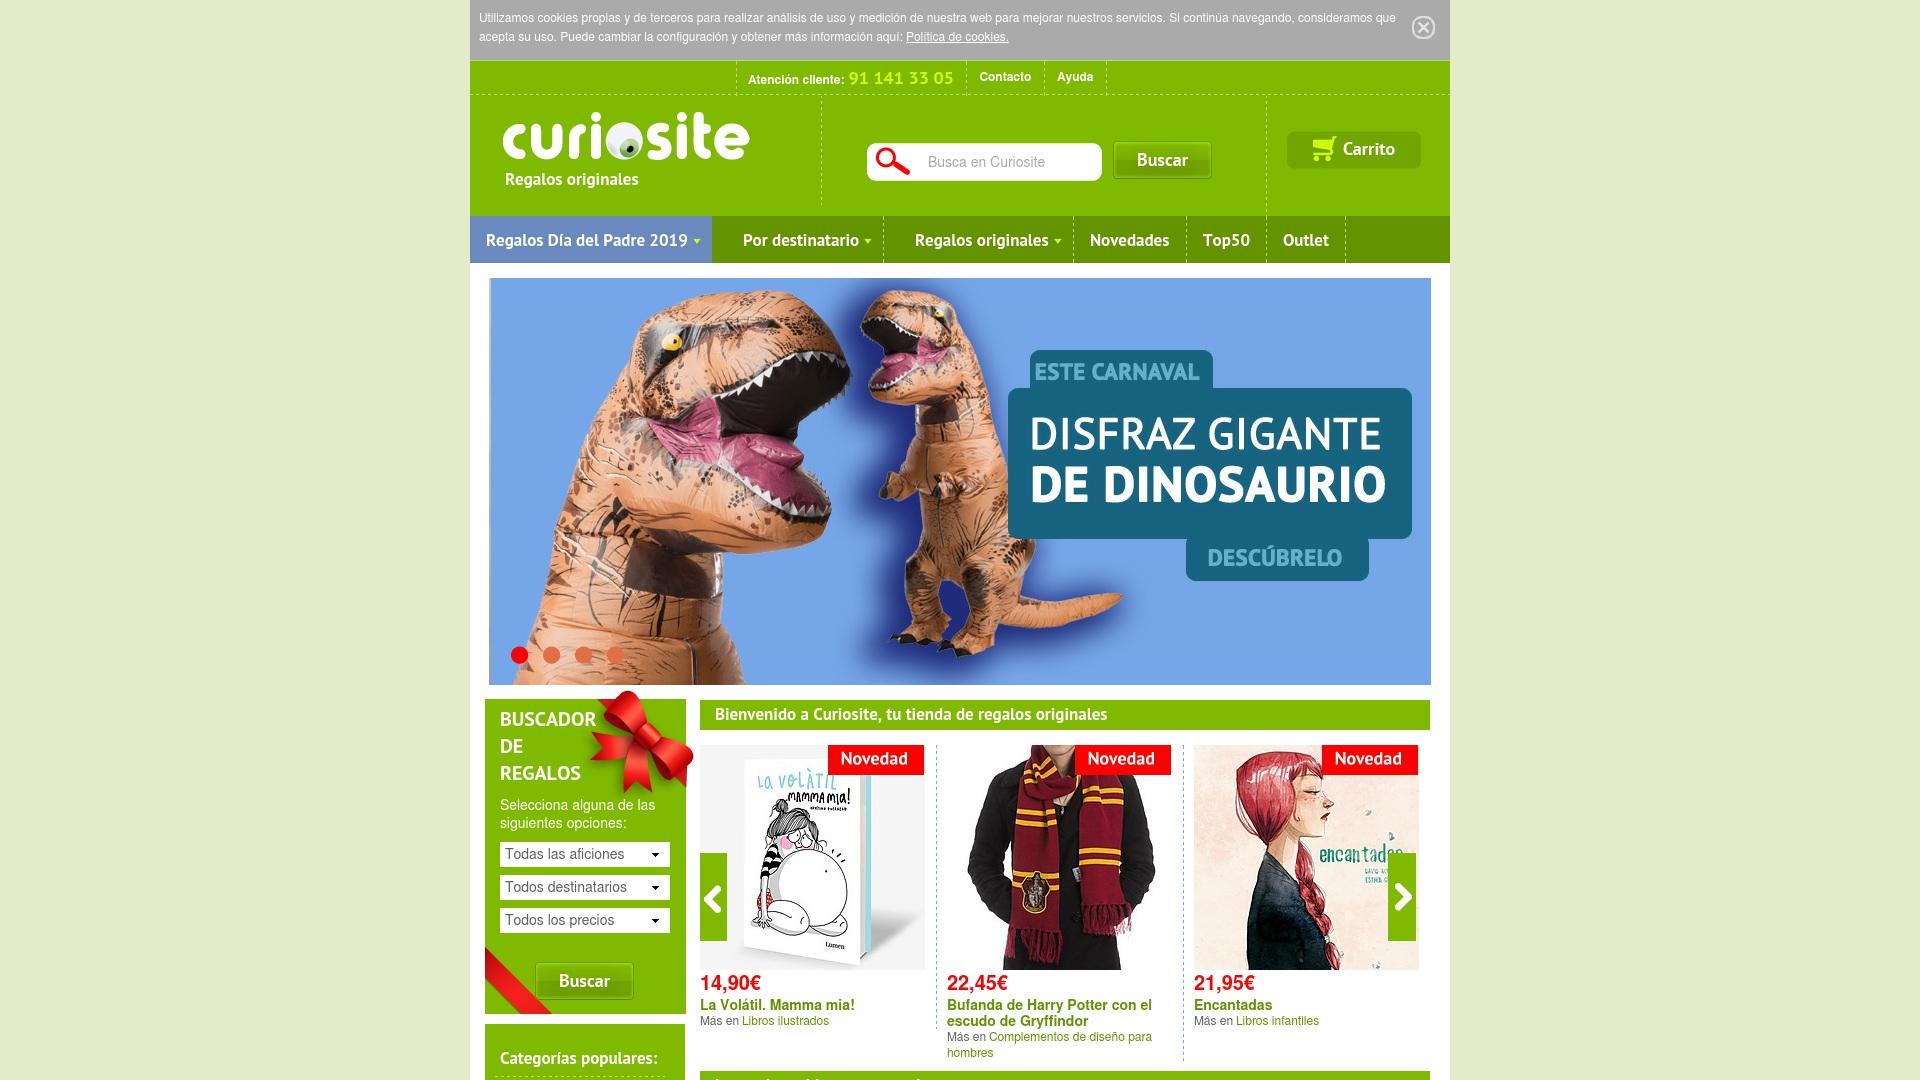 Gutschein für Curiosite: Rabatte für  Curiosite sichern